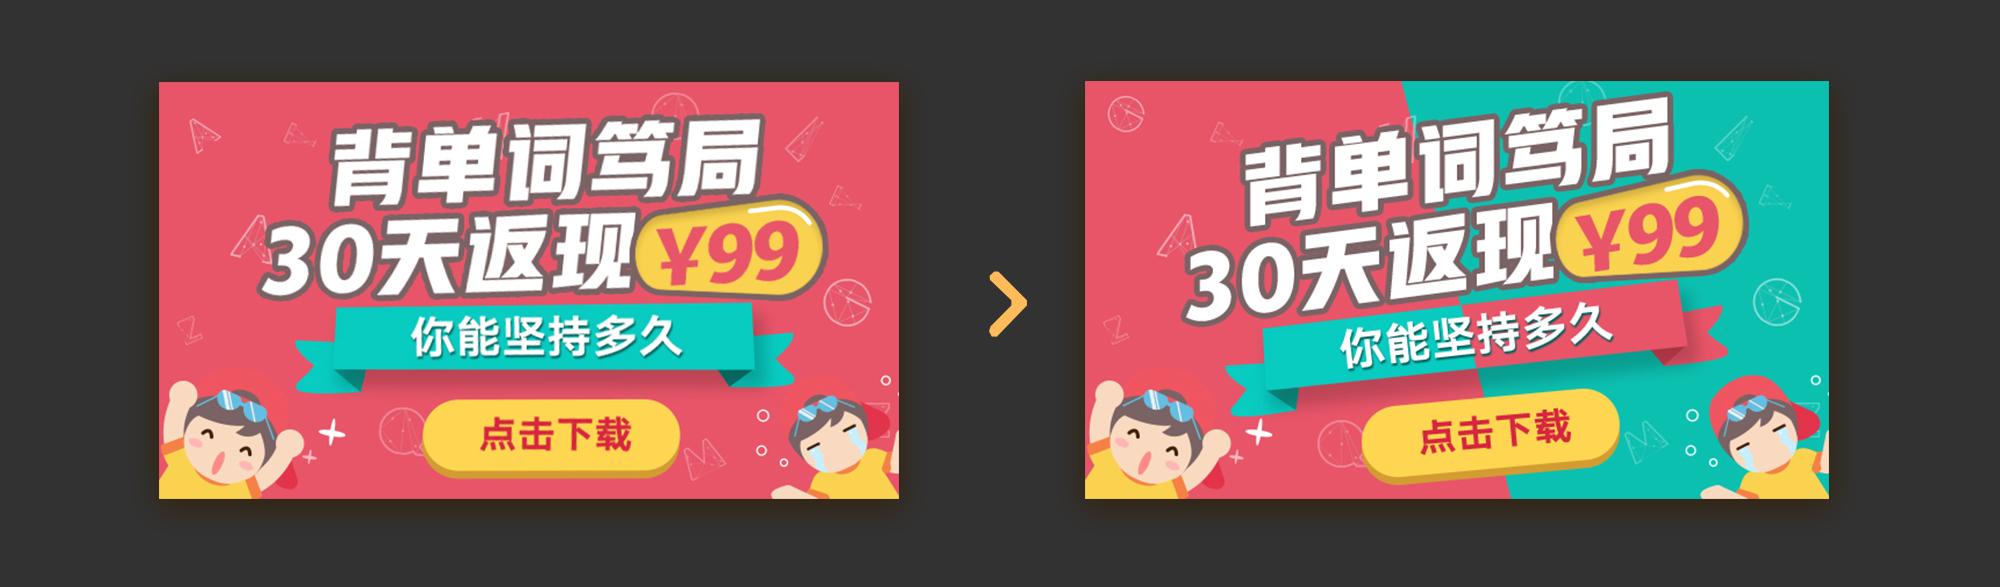 网易设计师:能让用户掏钱的Banner 是如何设计的?